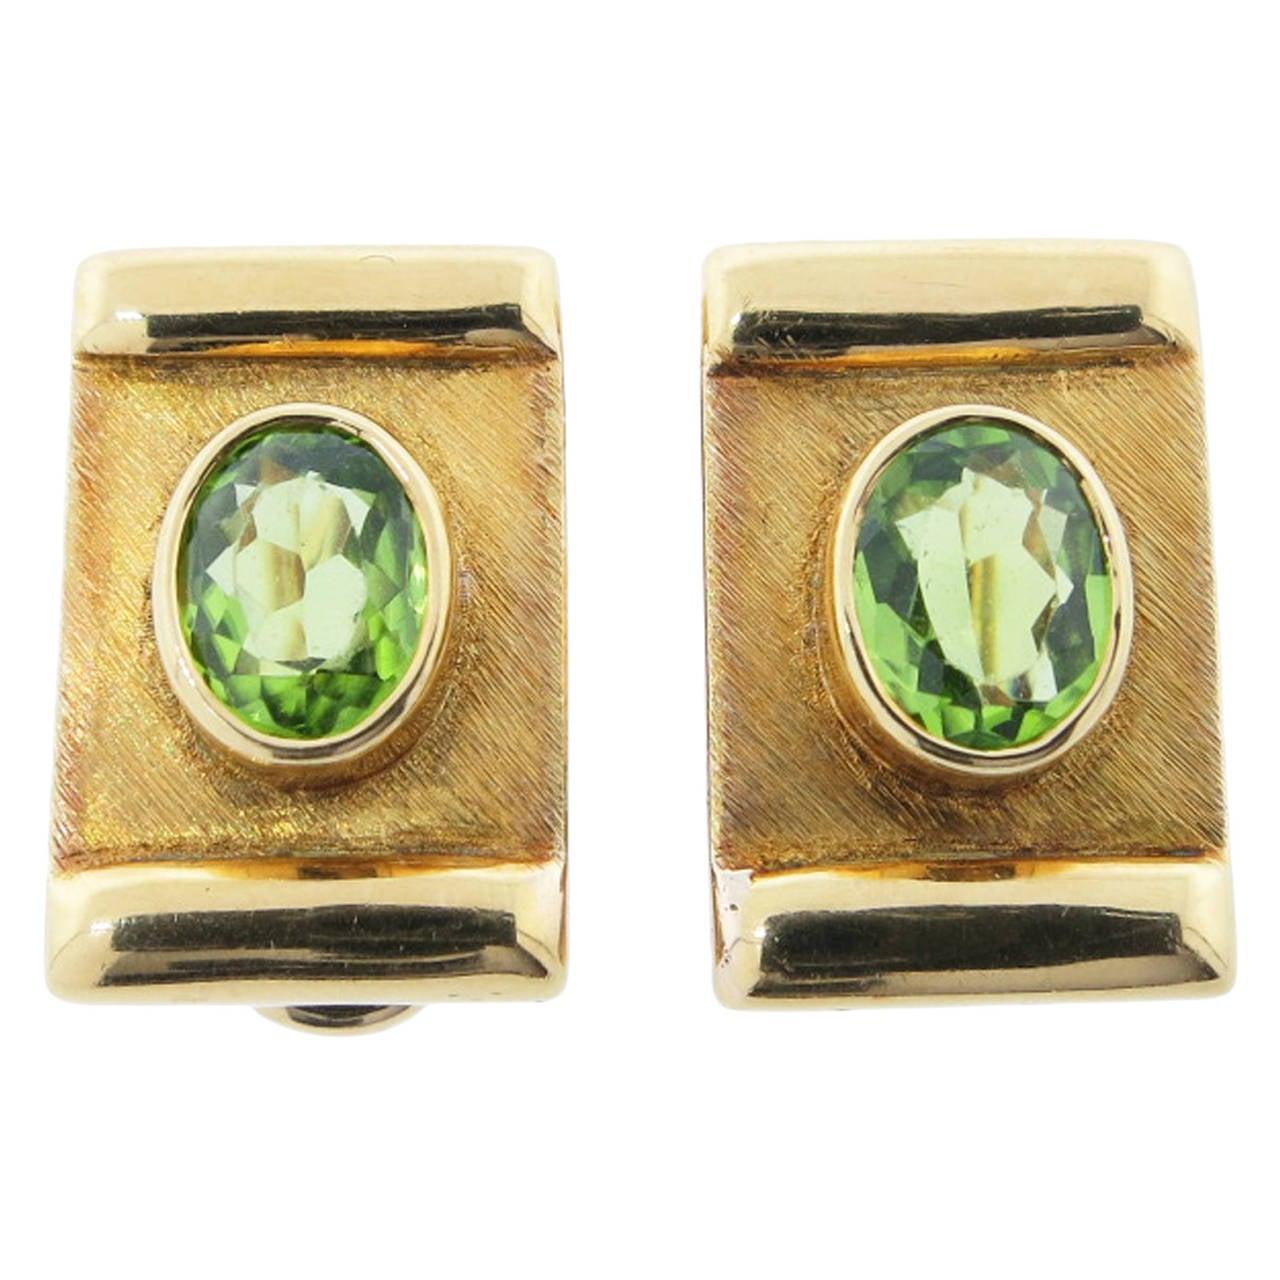 Modernist Burle Marx Peridot Gold Earrings